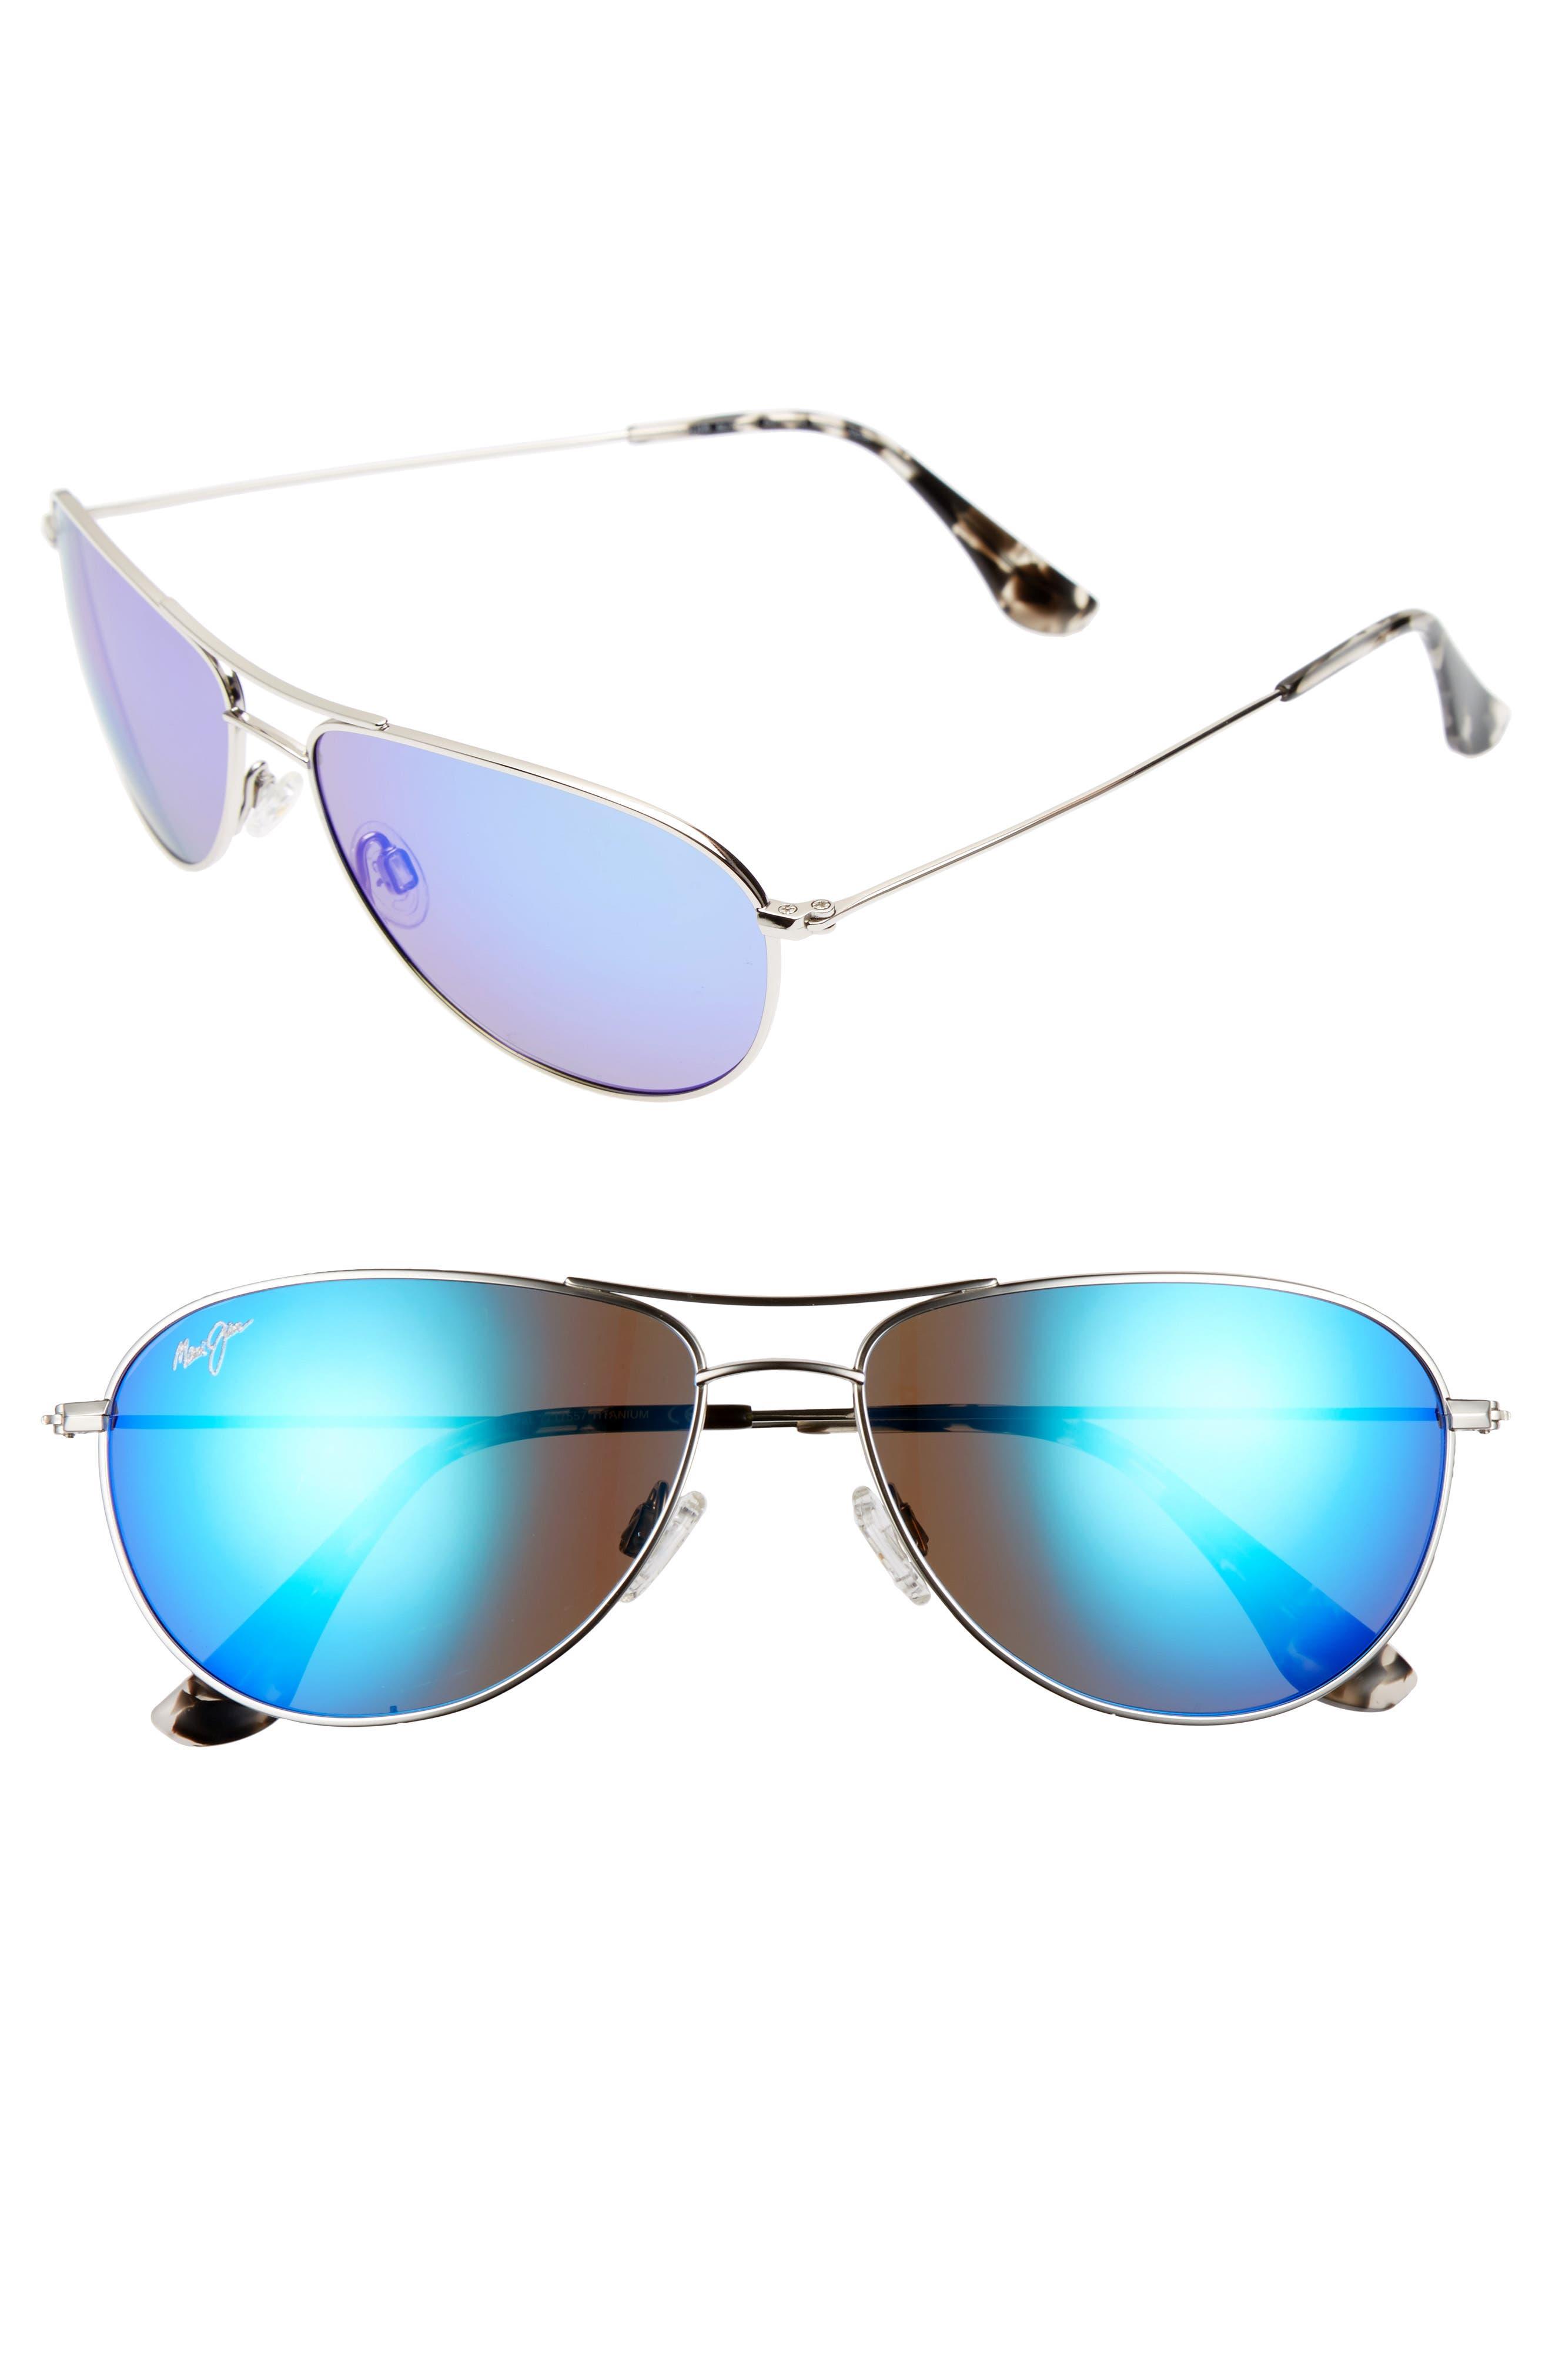 Sea House 60mm Polarized Titanium Aviator Sunglasses,                             Main thumbnail 1, color,                             SILVER/ BLUE HAWAII